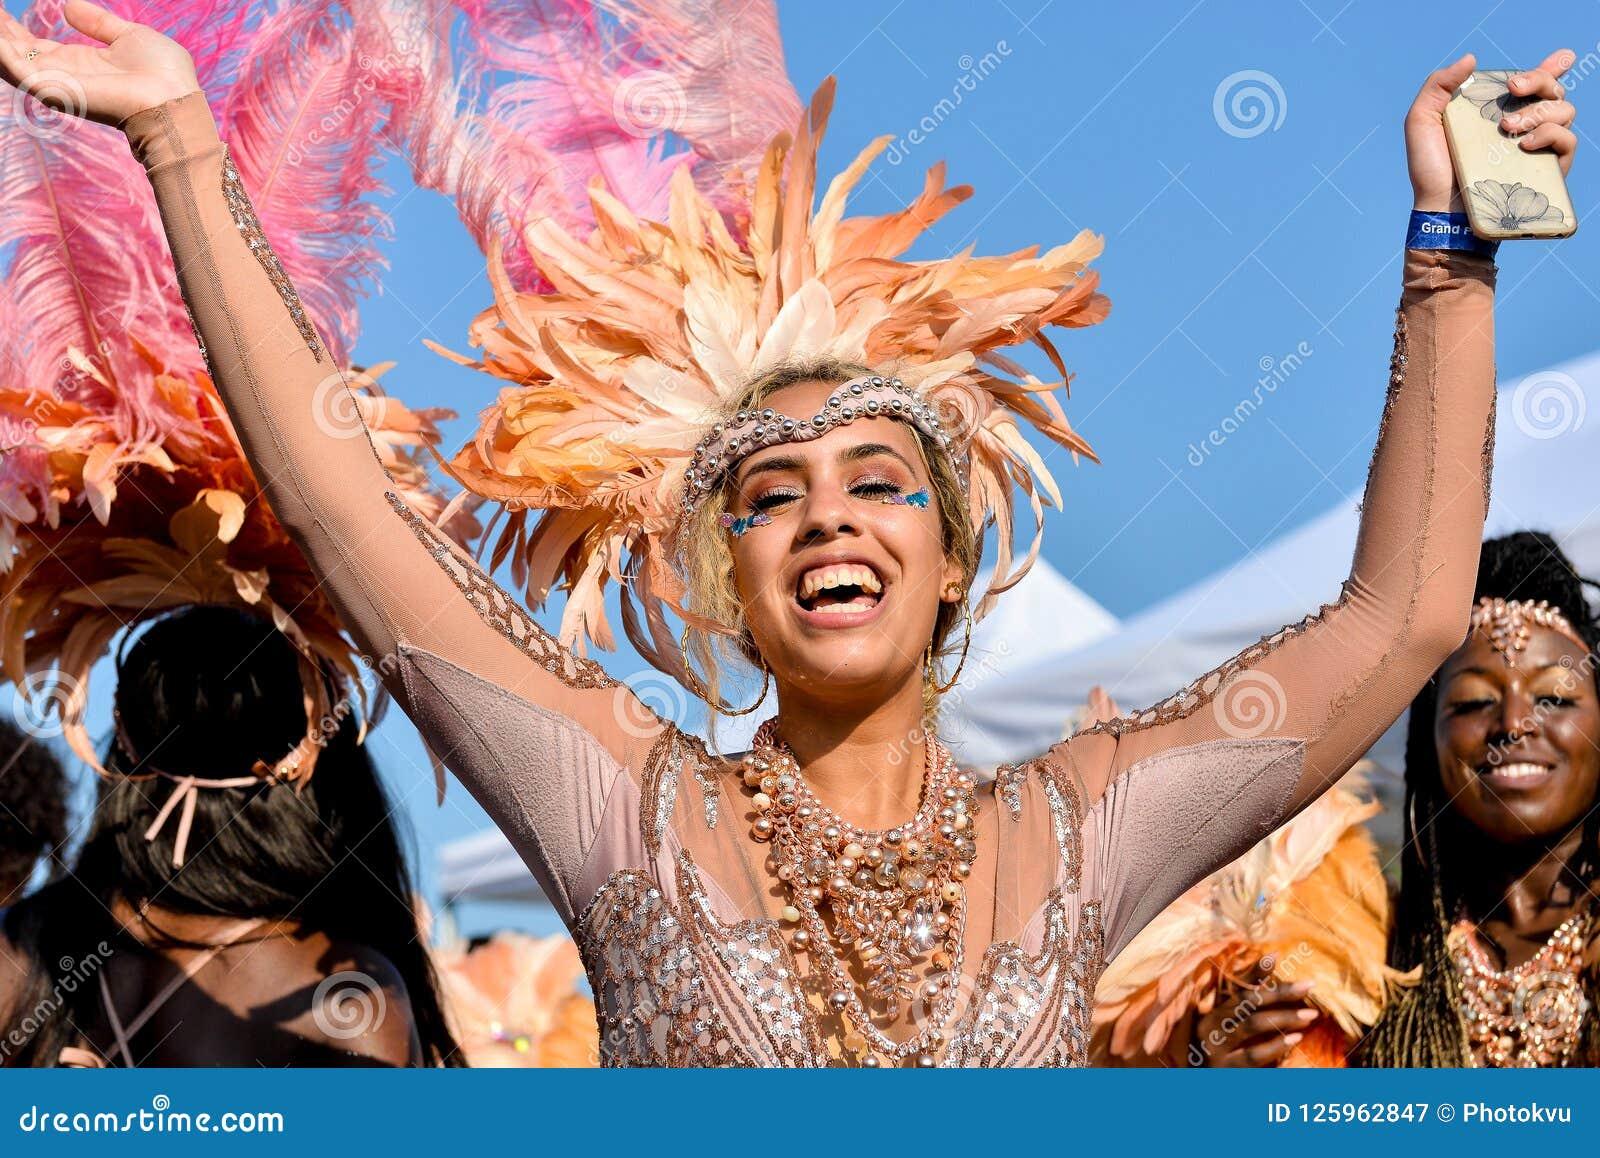 Caribana editorial photography  Image of dancer, makeup